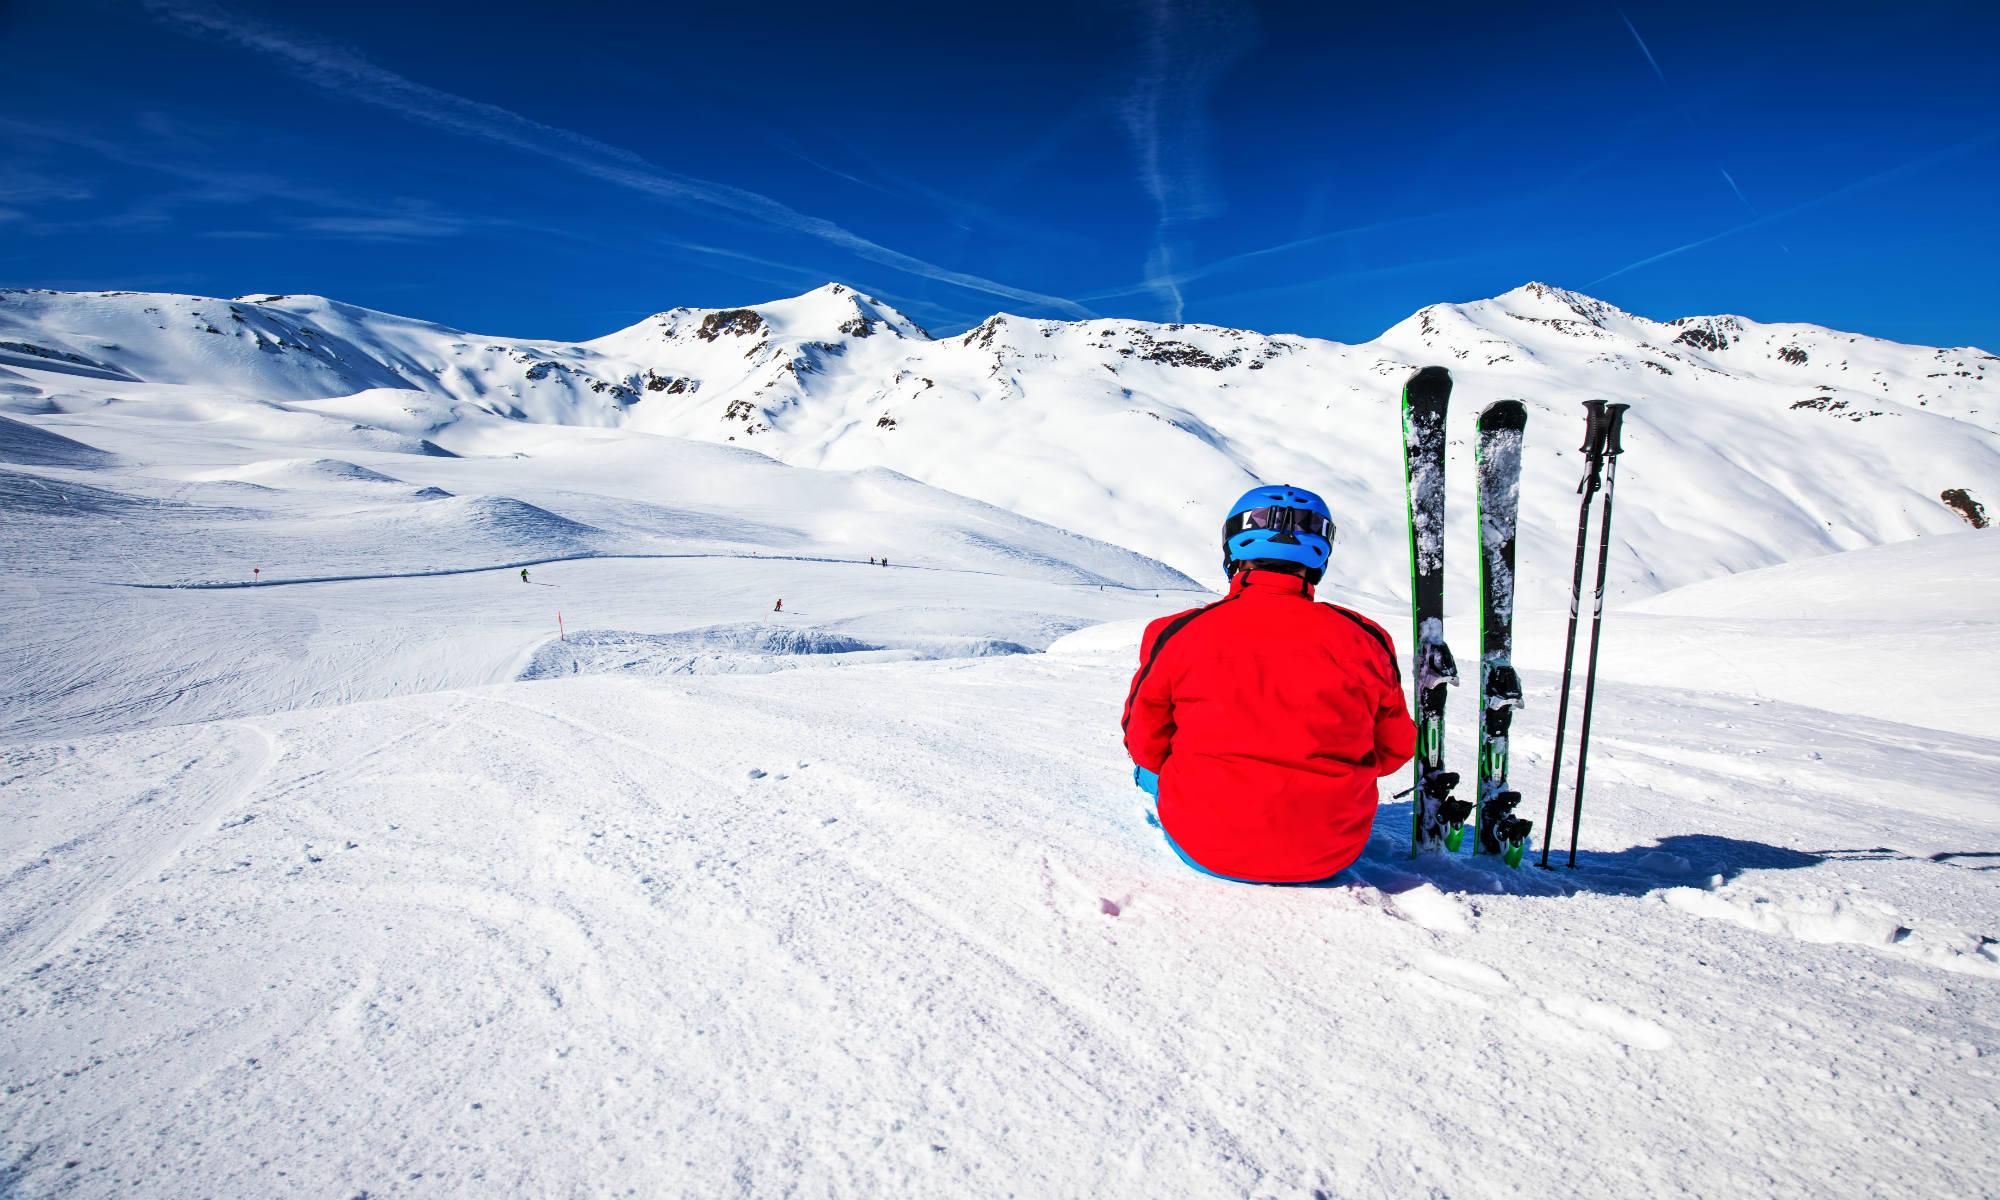 Uno sciatore si prende un momento di pausa, sedendosi sulla cima della montagna, ammirando le vette innevate circostanti.